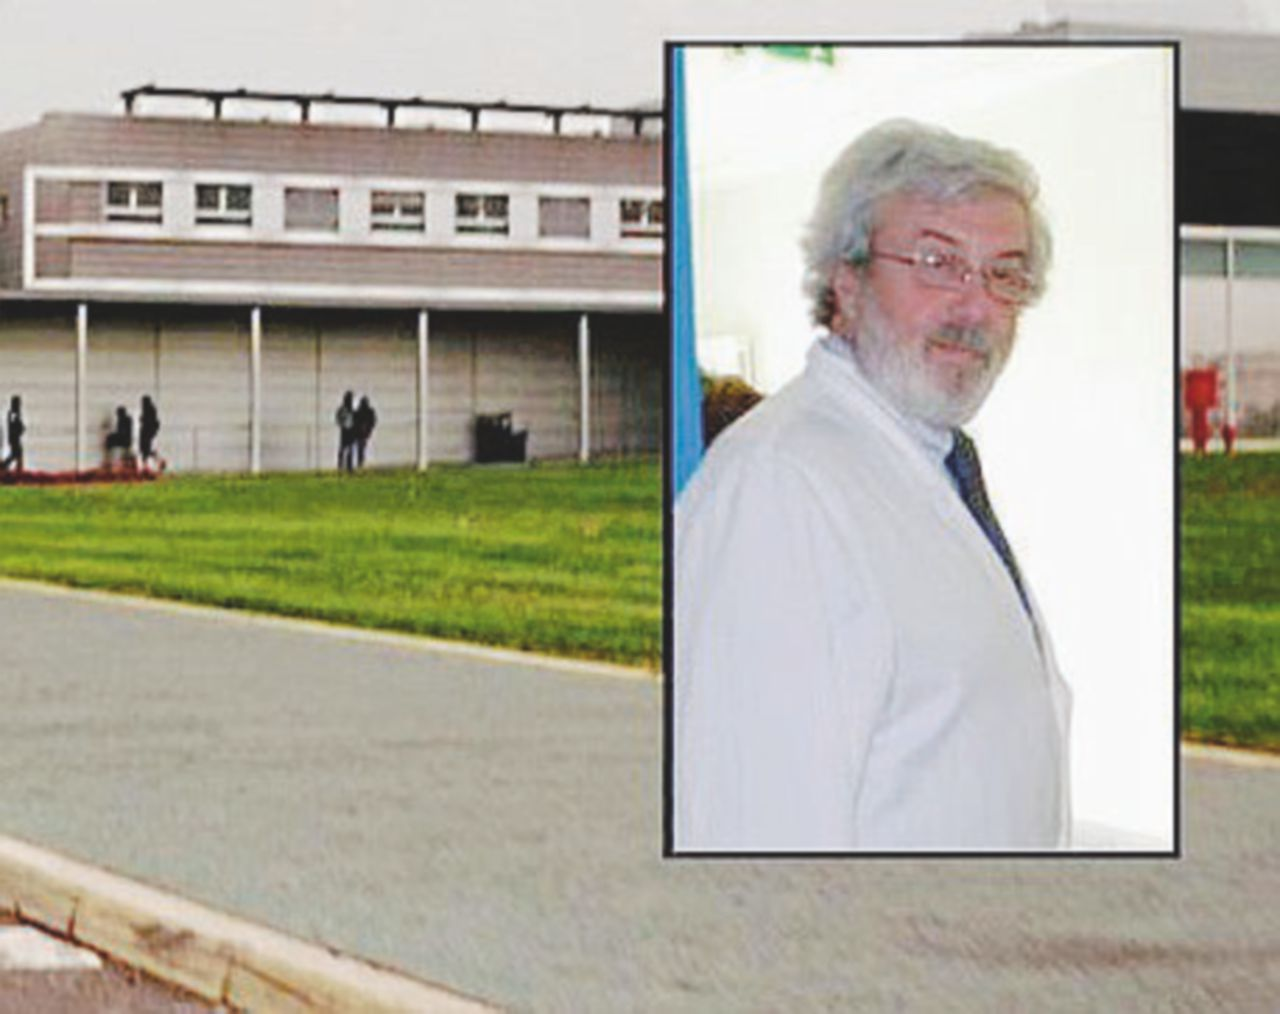 Cinquemila file pedoporno nel computer del pediatra: si lancia nel vuoto dal sesto piano